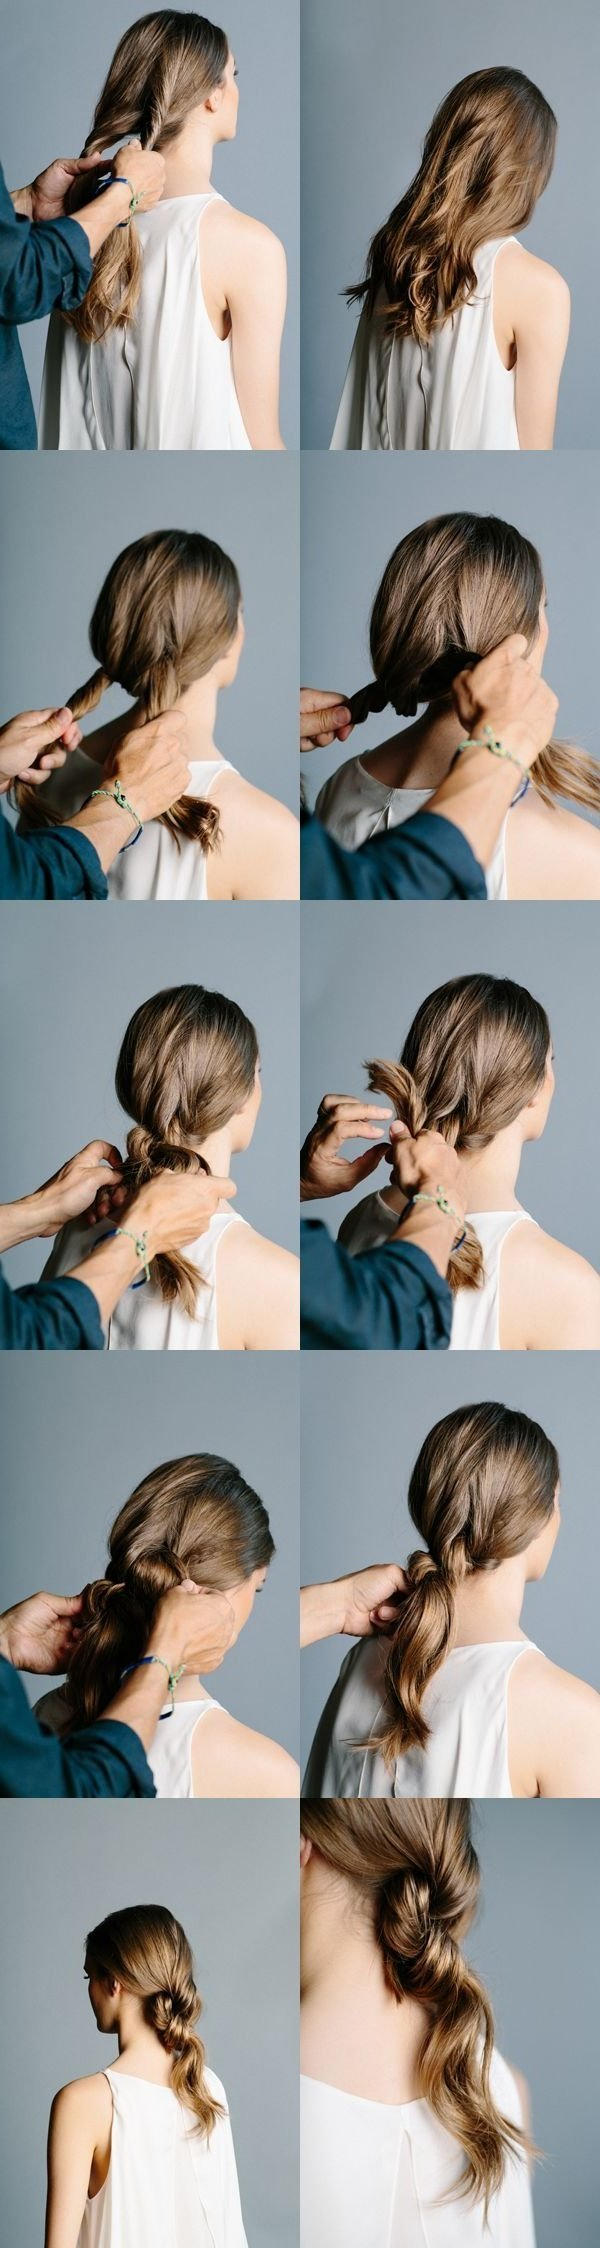 Tolle Anleitung für einfache Frisuren für den Alltag